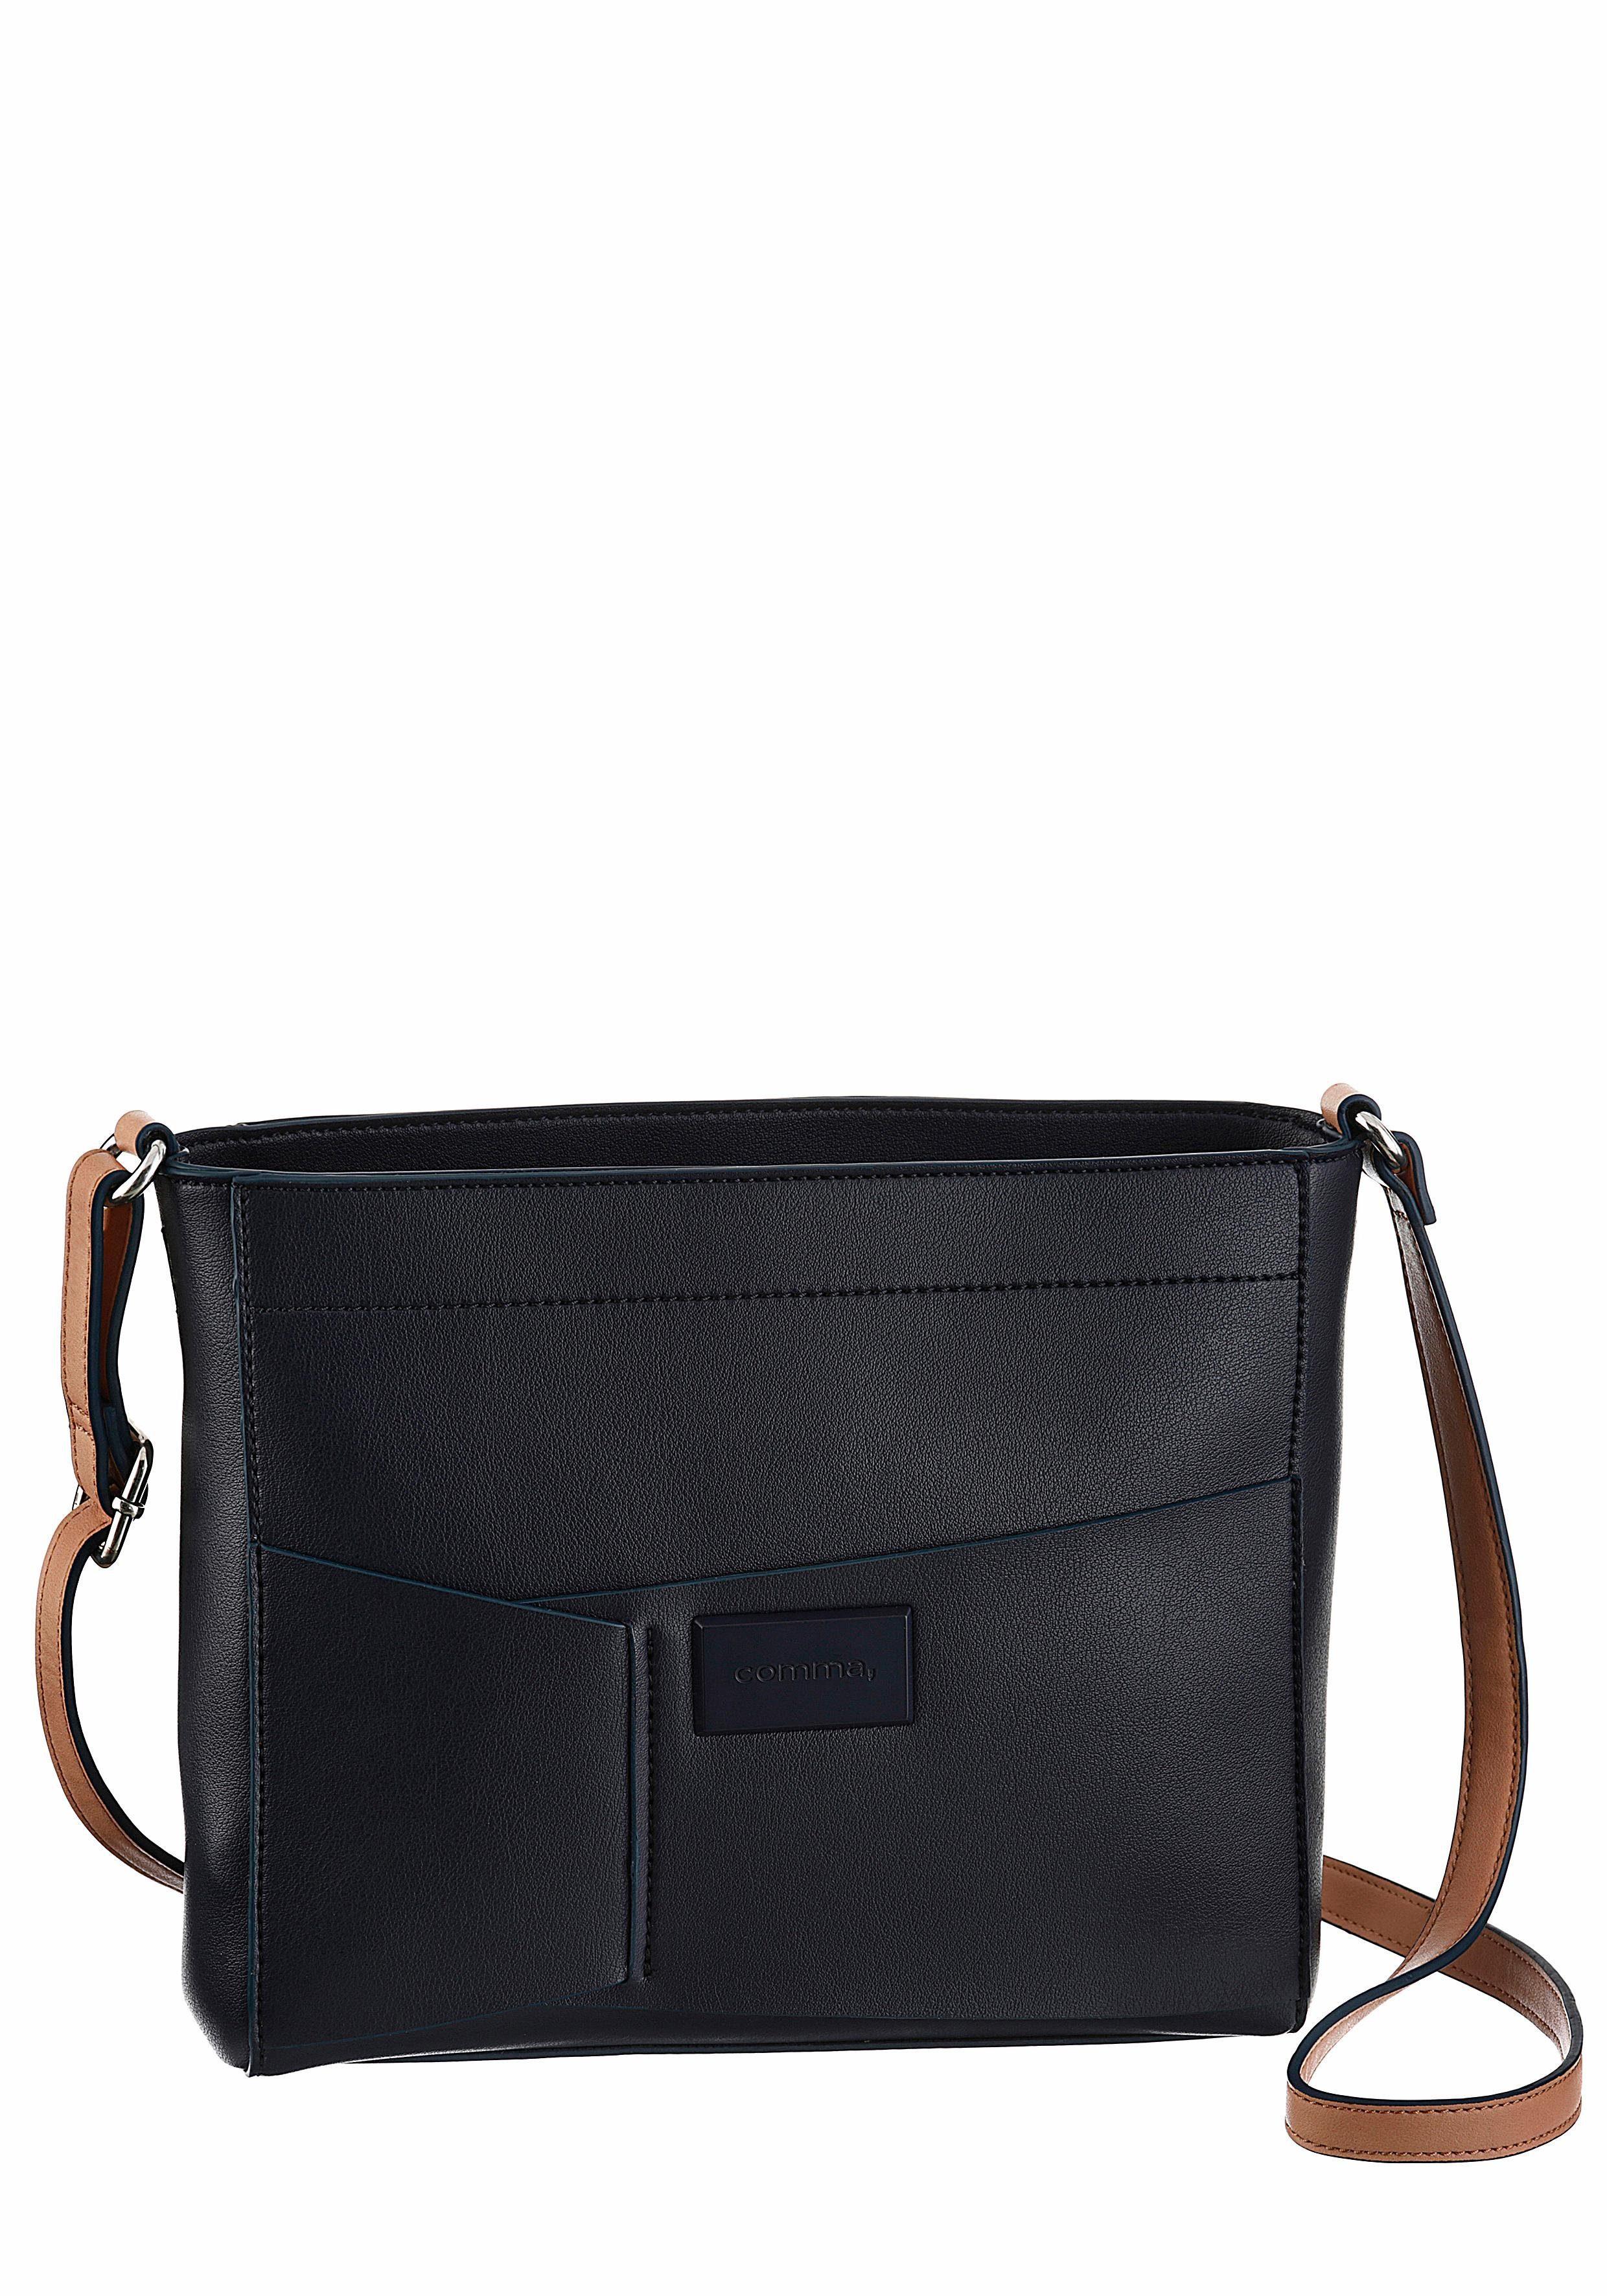 Comma Umhängetasche »Puzzled Shoulder Bag«, mit verstellbaren und abmehmbarem Umhängeriemen